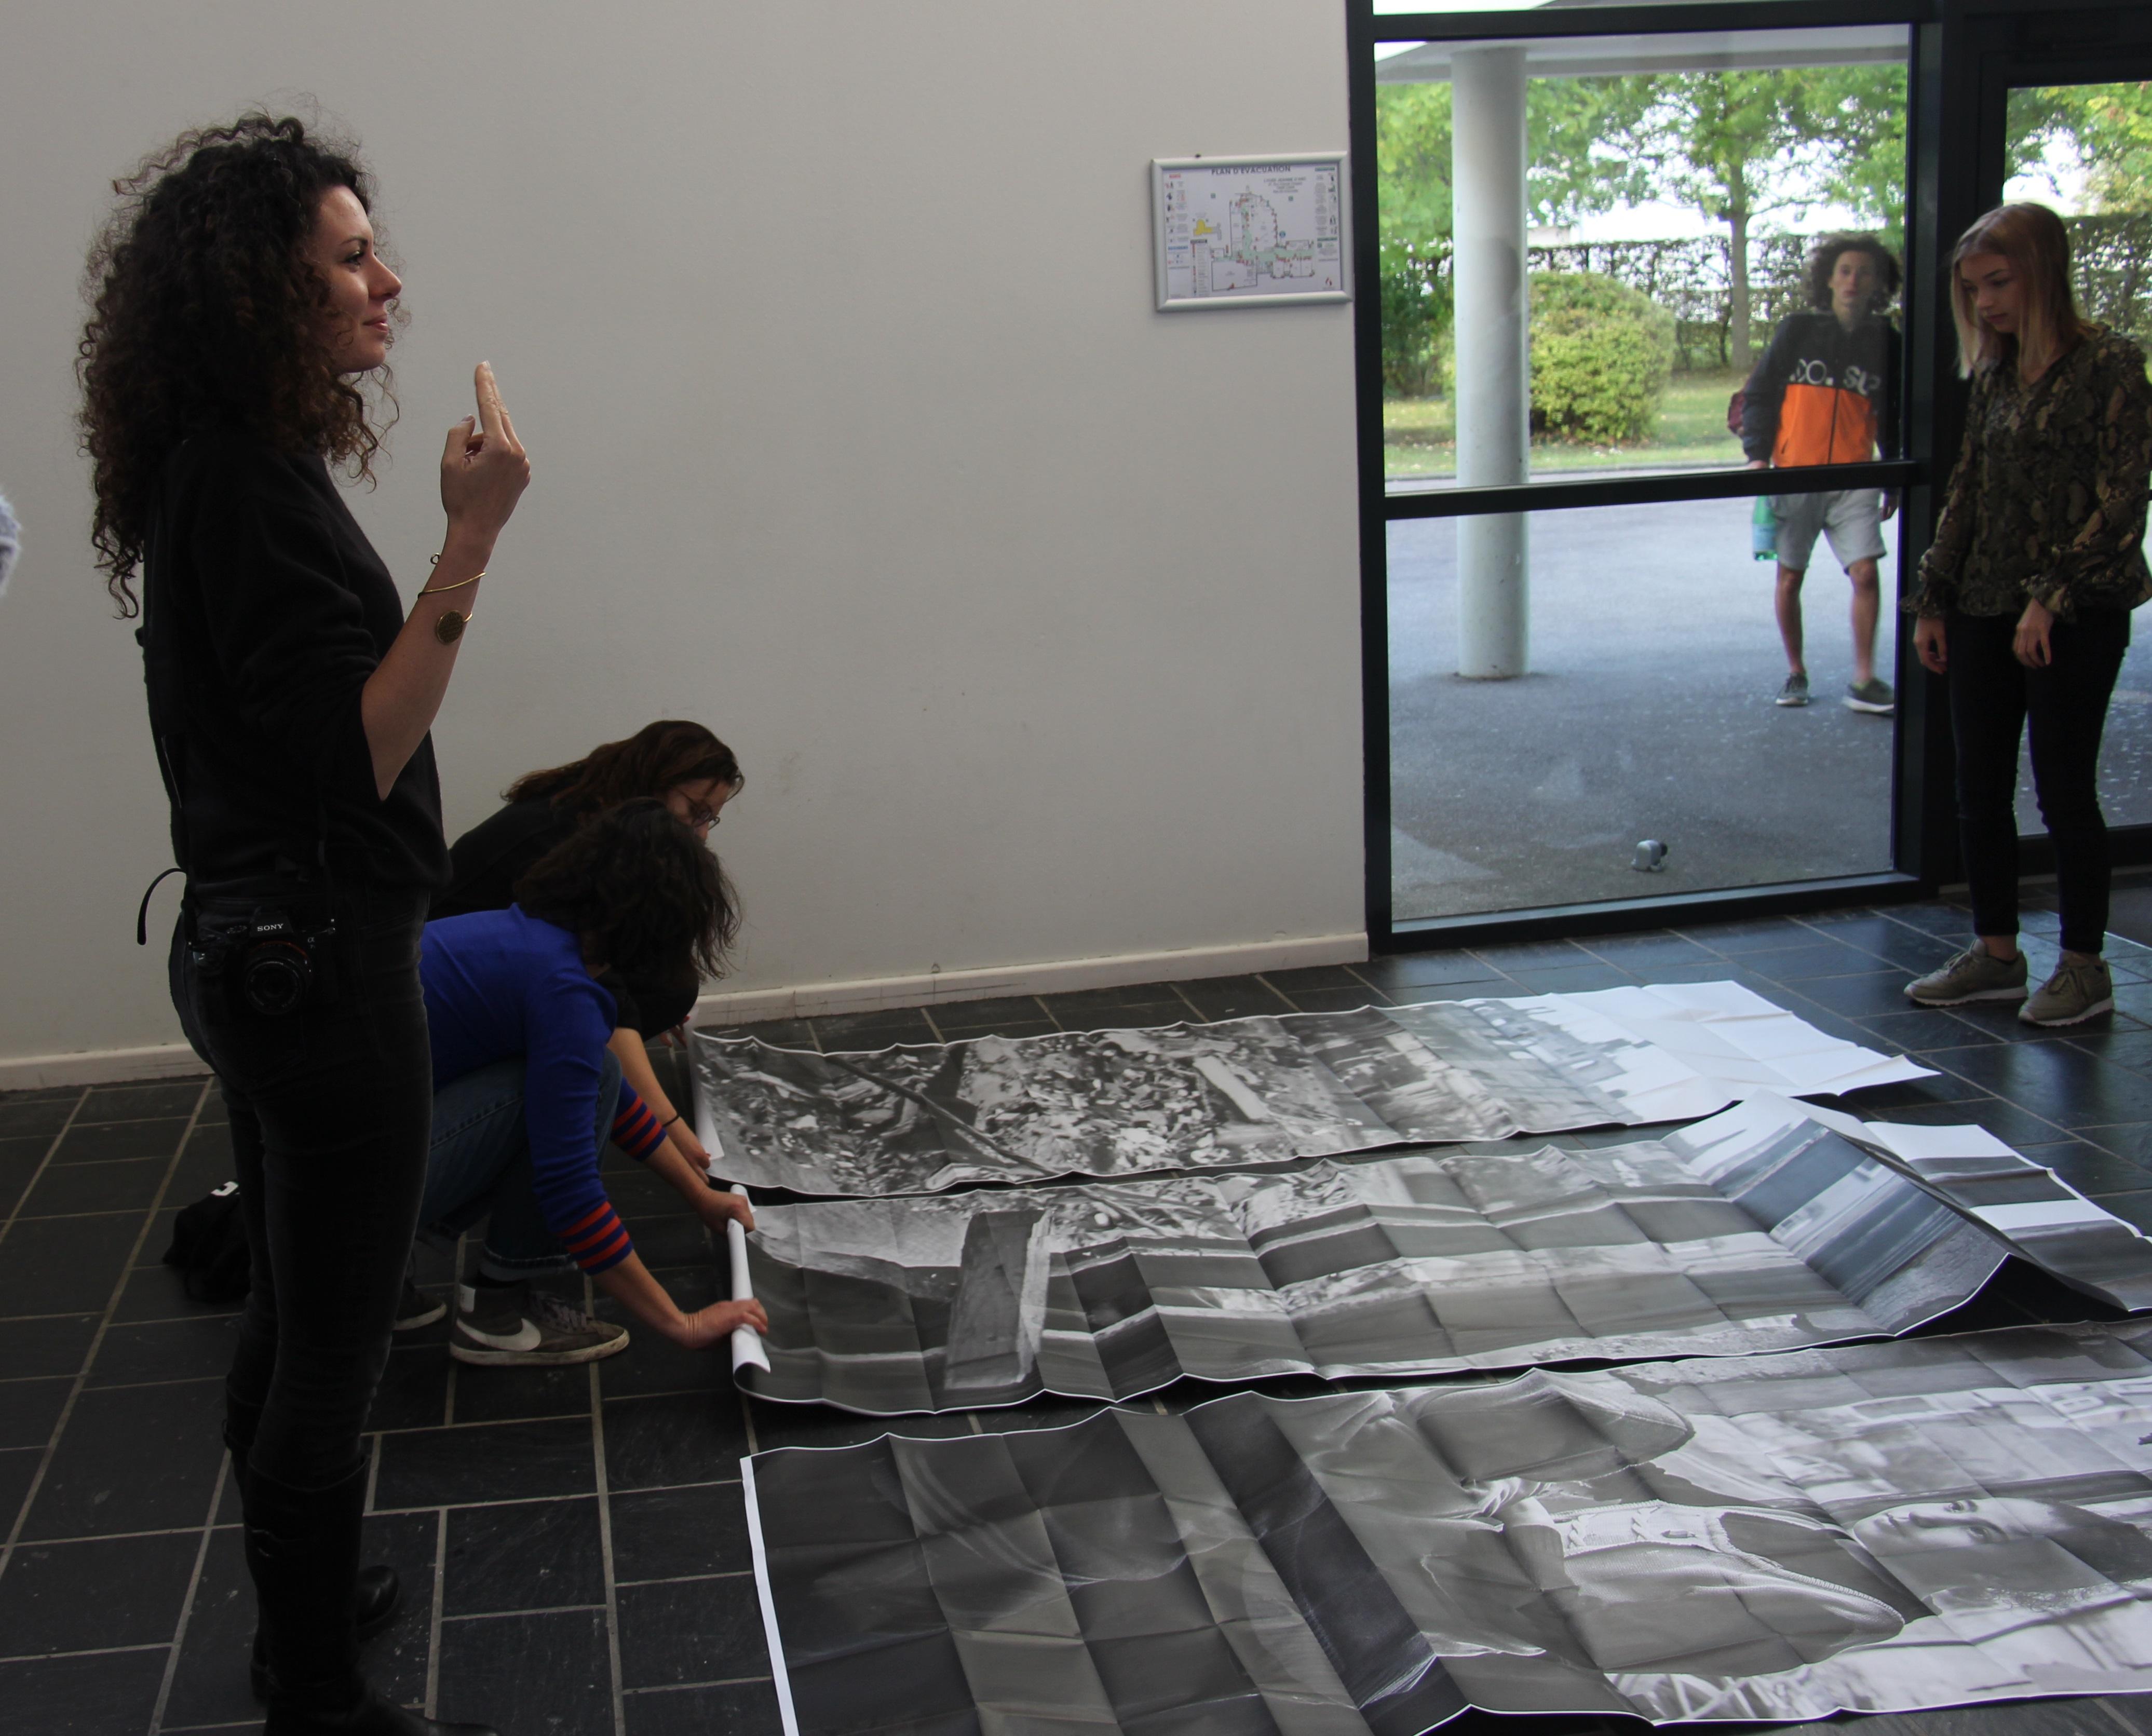 Rencontre avec Dysturb : Gaia Squarci Crédits photographiques: Deborah Dubost-Sakhi